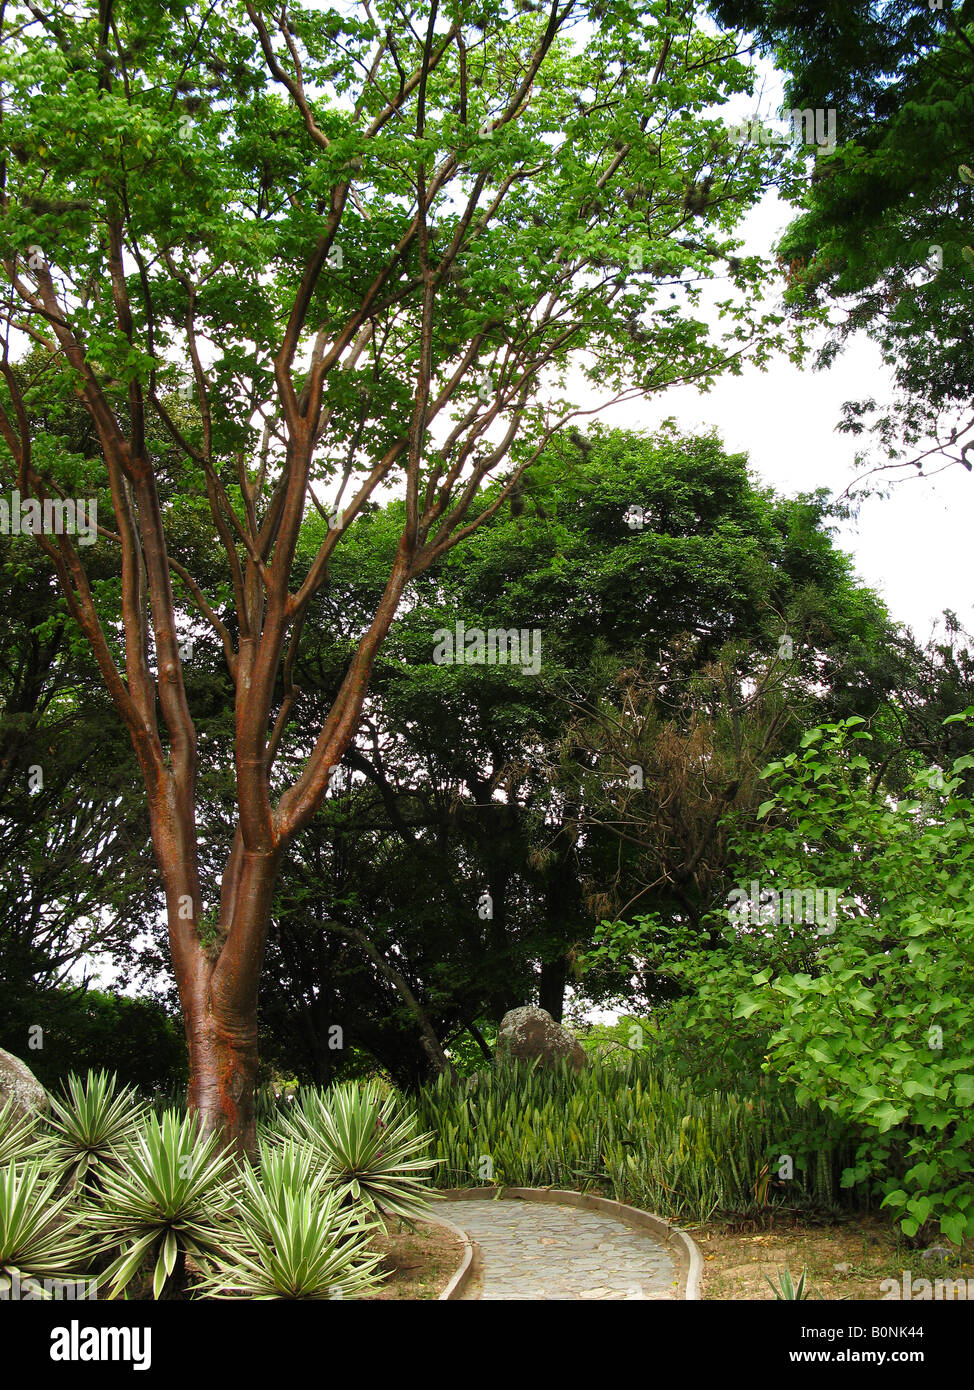 nude indian tree, bursera simaruba. arbol indio desnudo gumbo-limbo